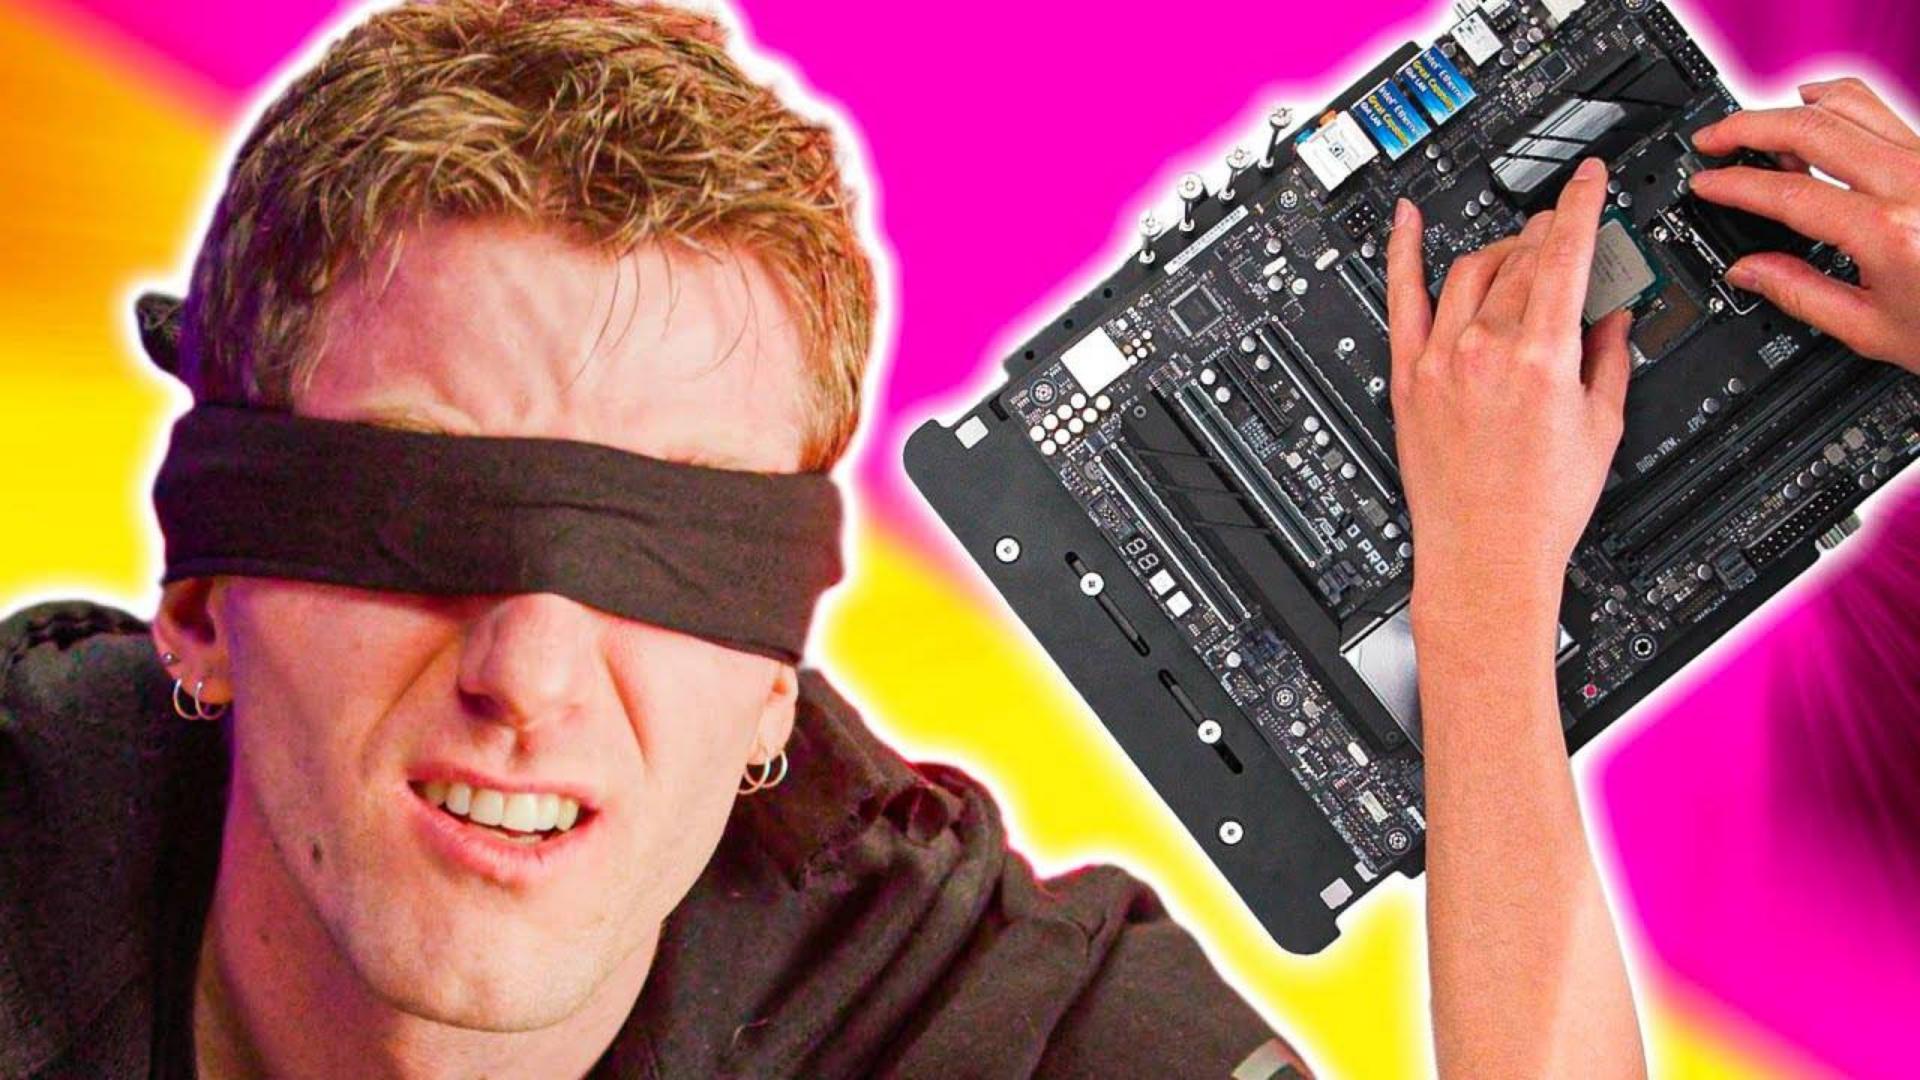 【官方双语】盲人装机挑战赛#linus谈科技